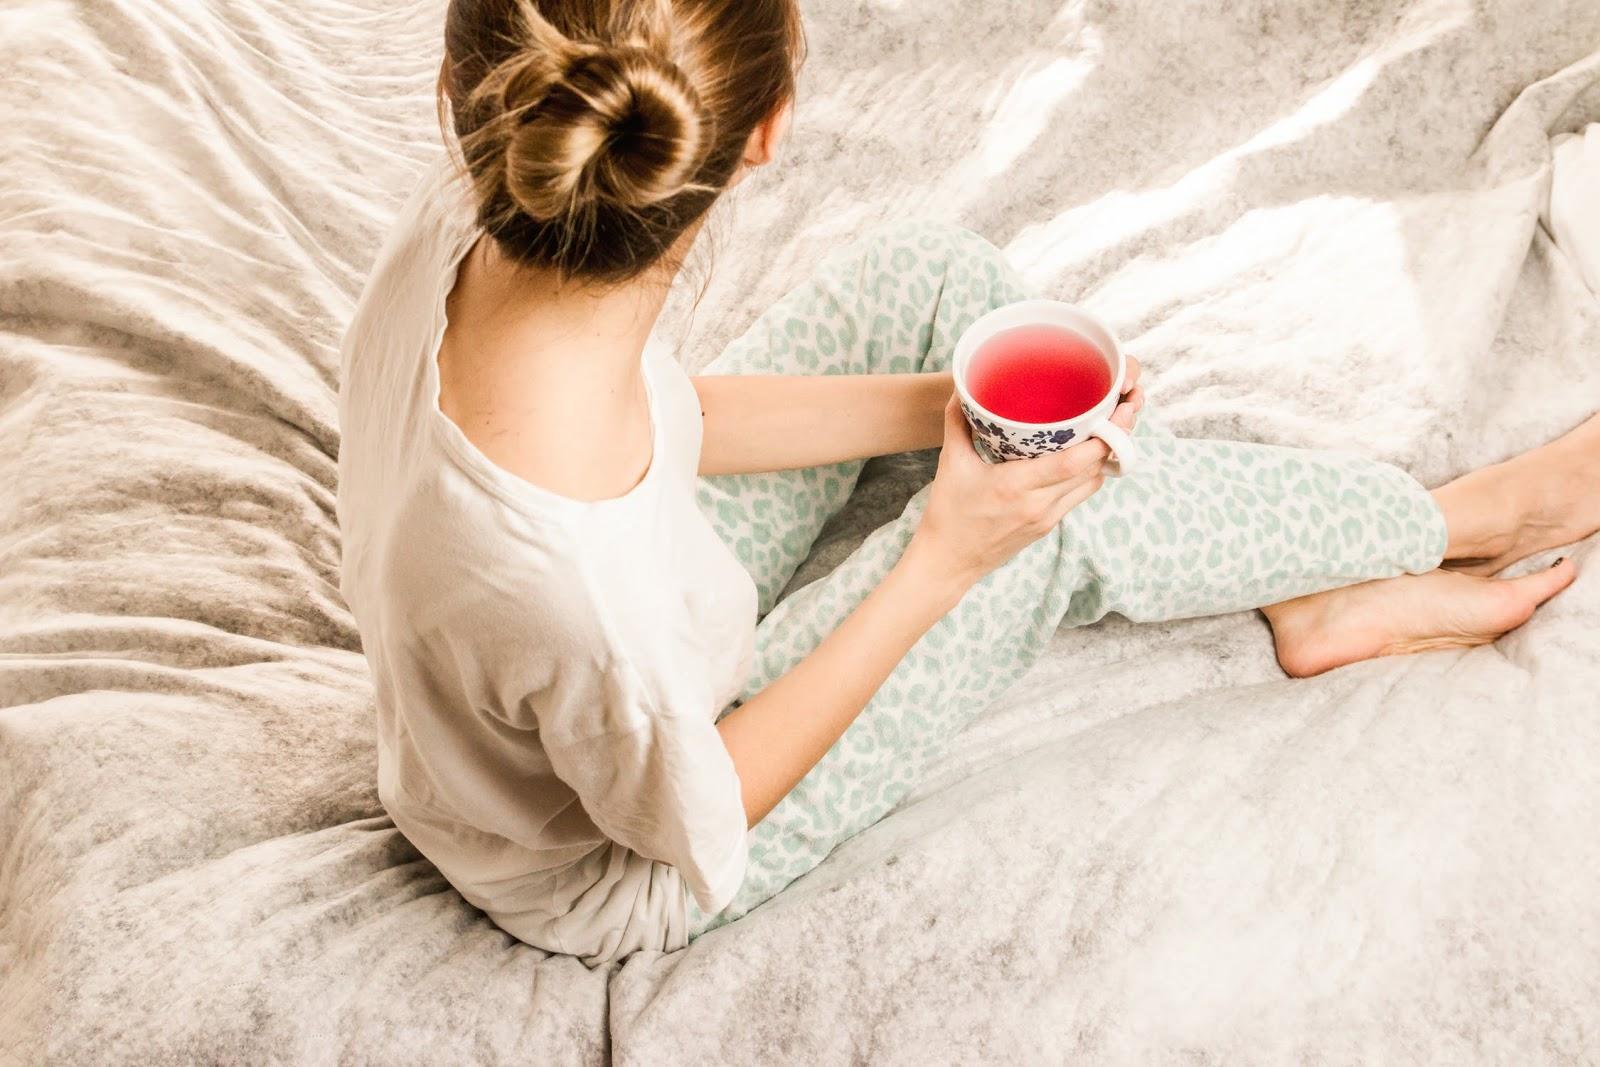 Fall Asleep Fast: the Best Tea for Sleep - Cup & Leaf